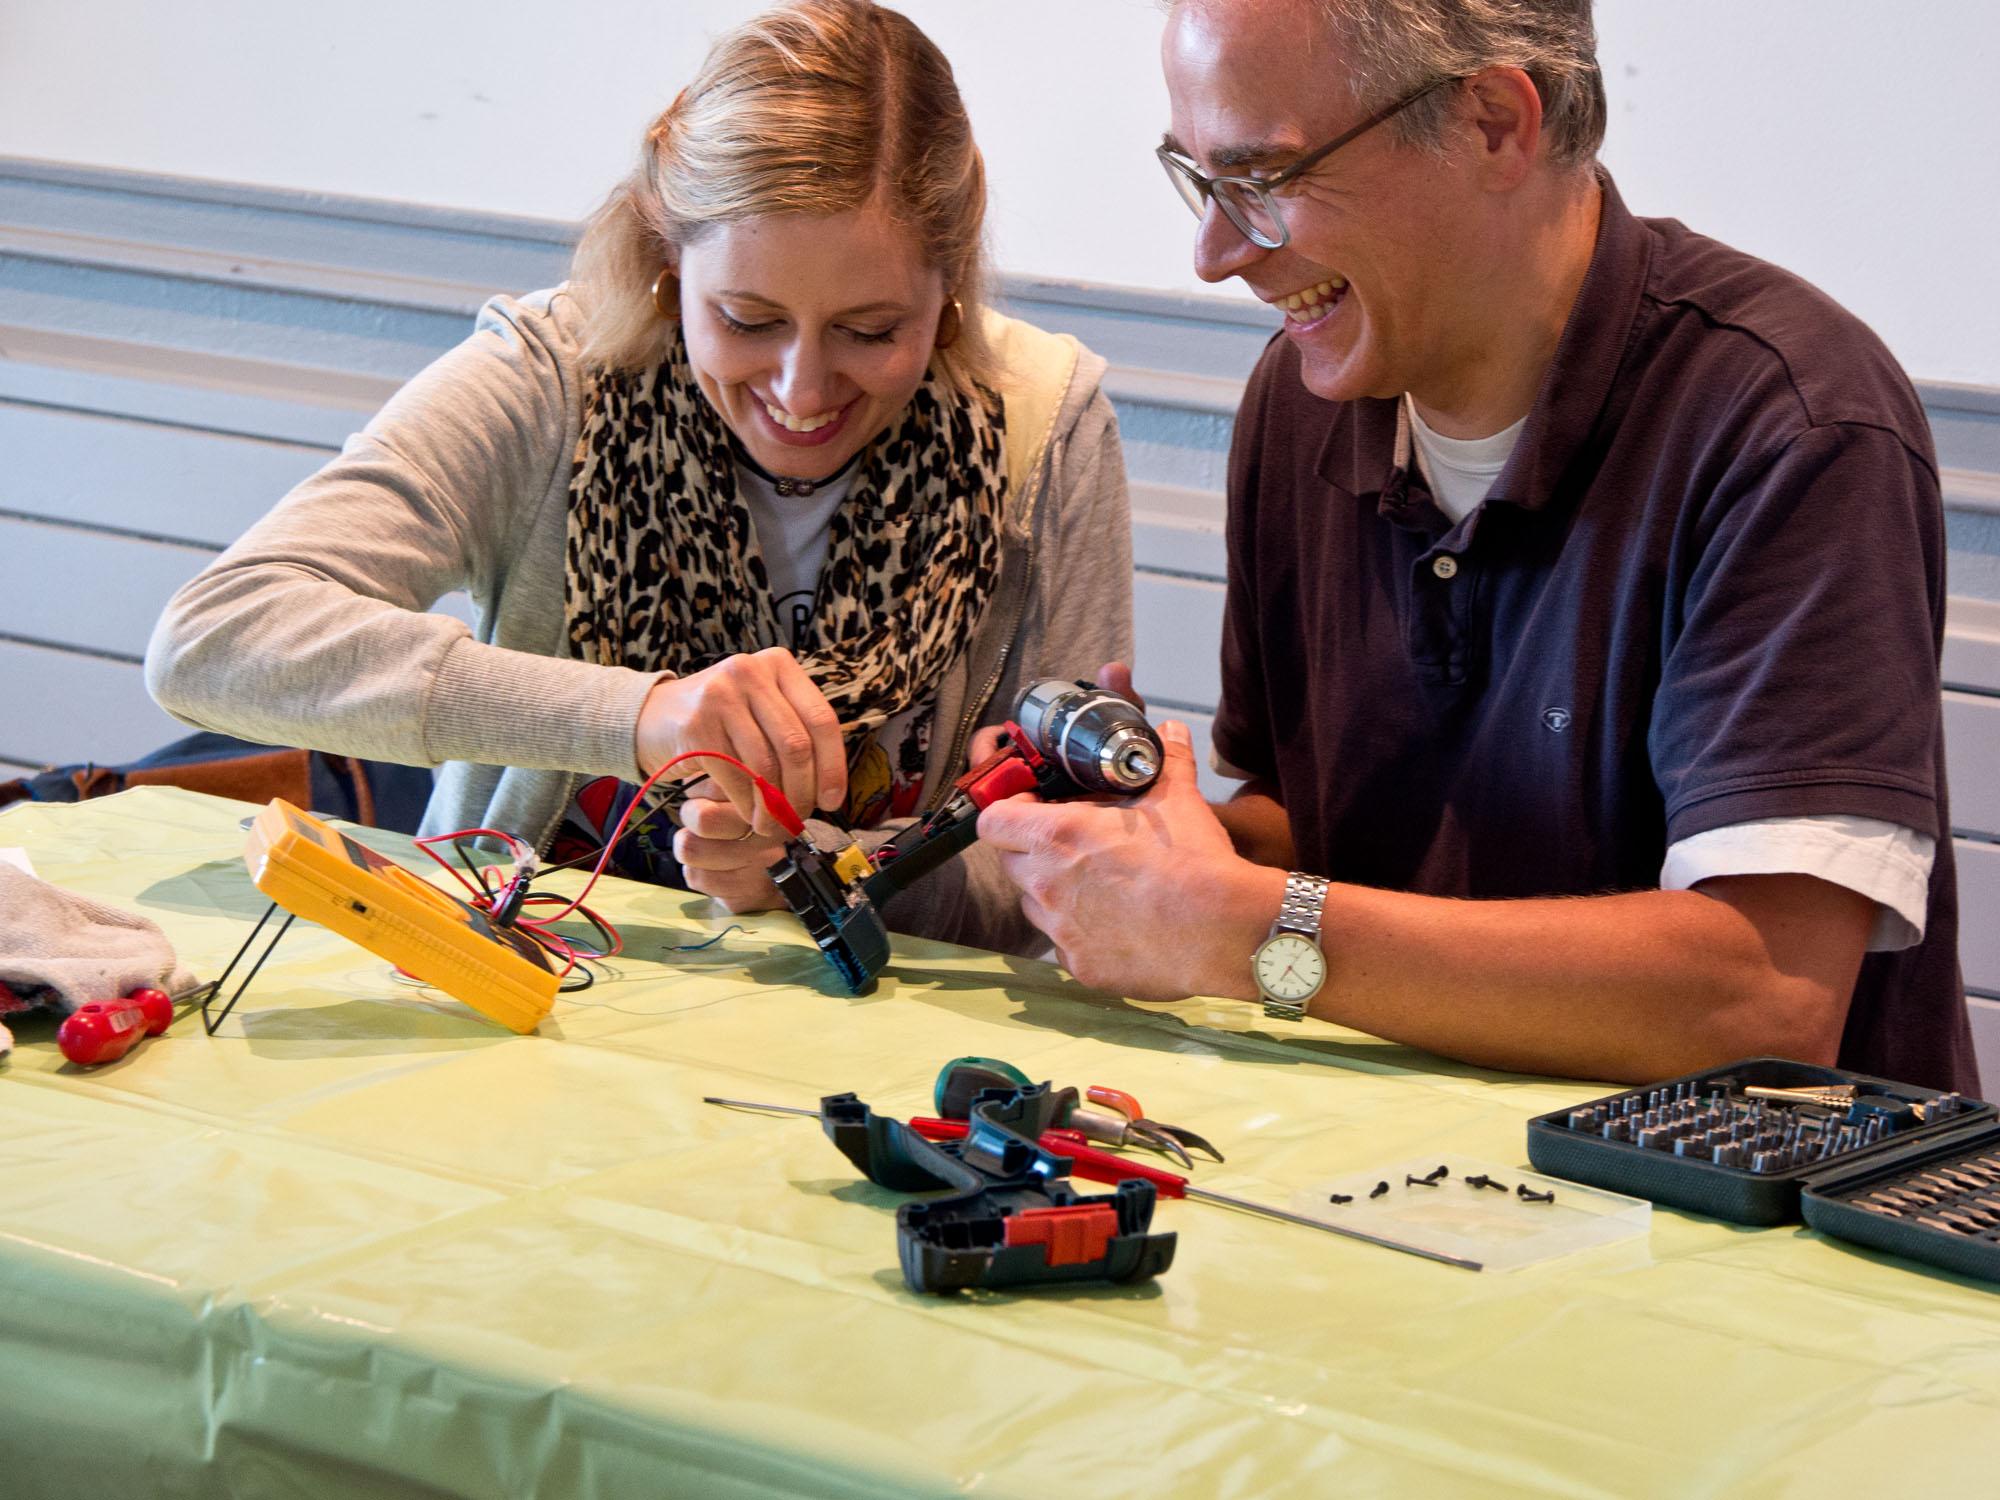 Mit Freude versuchten sich einige der Besucher*innen an der Reparatur ihrer defekten Geräte.  Foto: Irmhild Engels